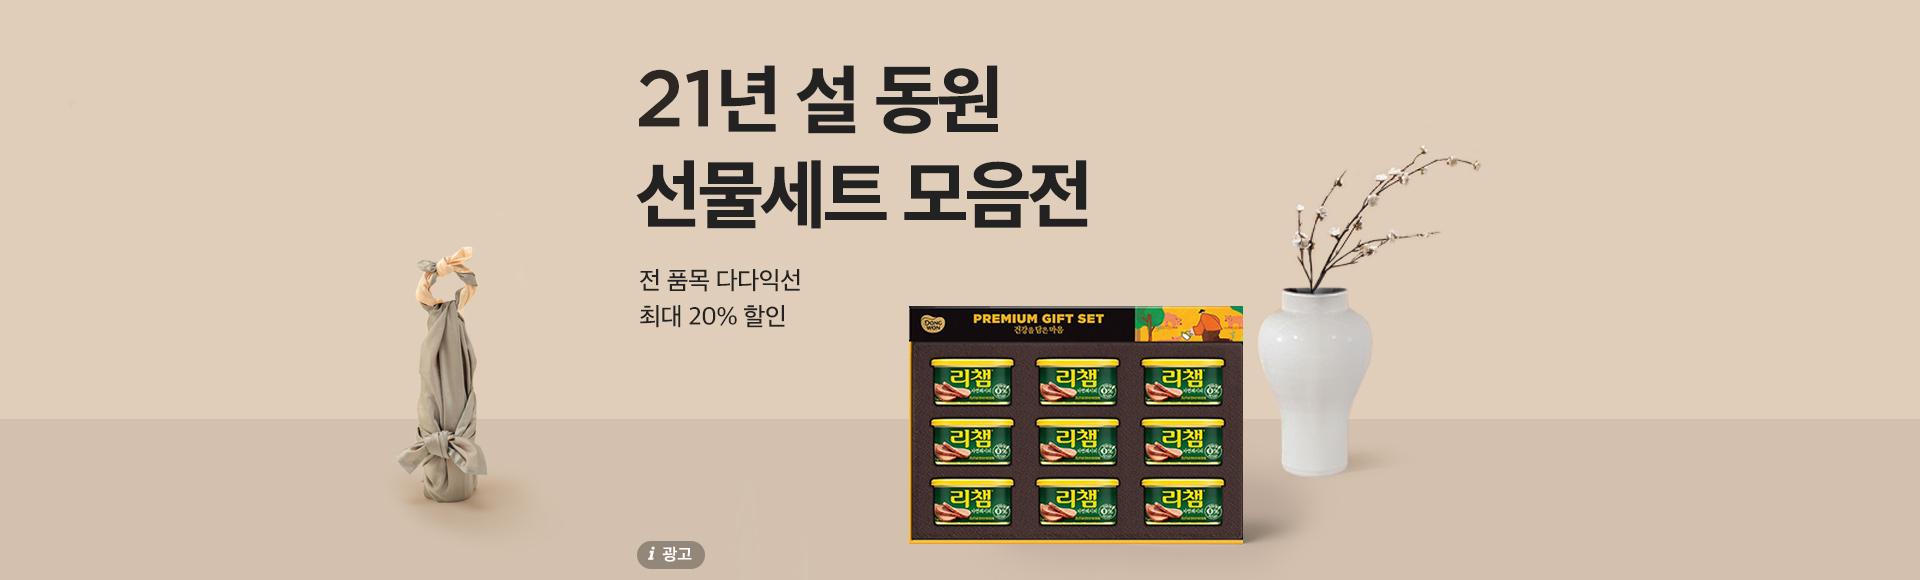 동원 선물세트(1/25 광고)